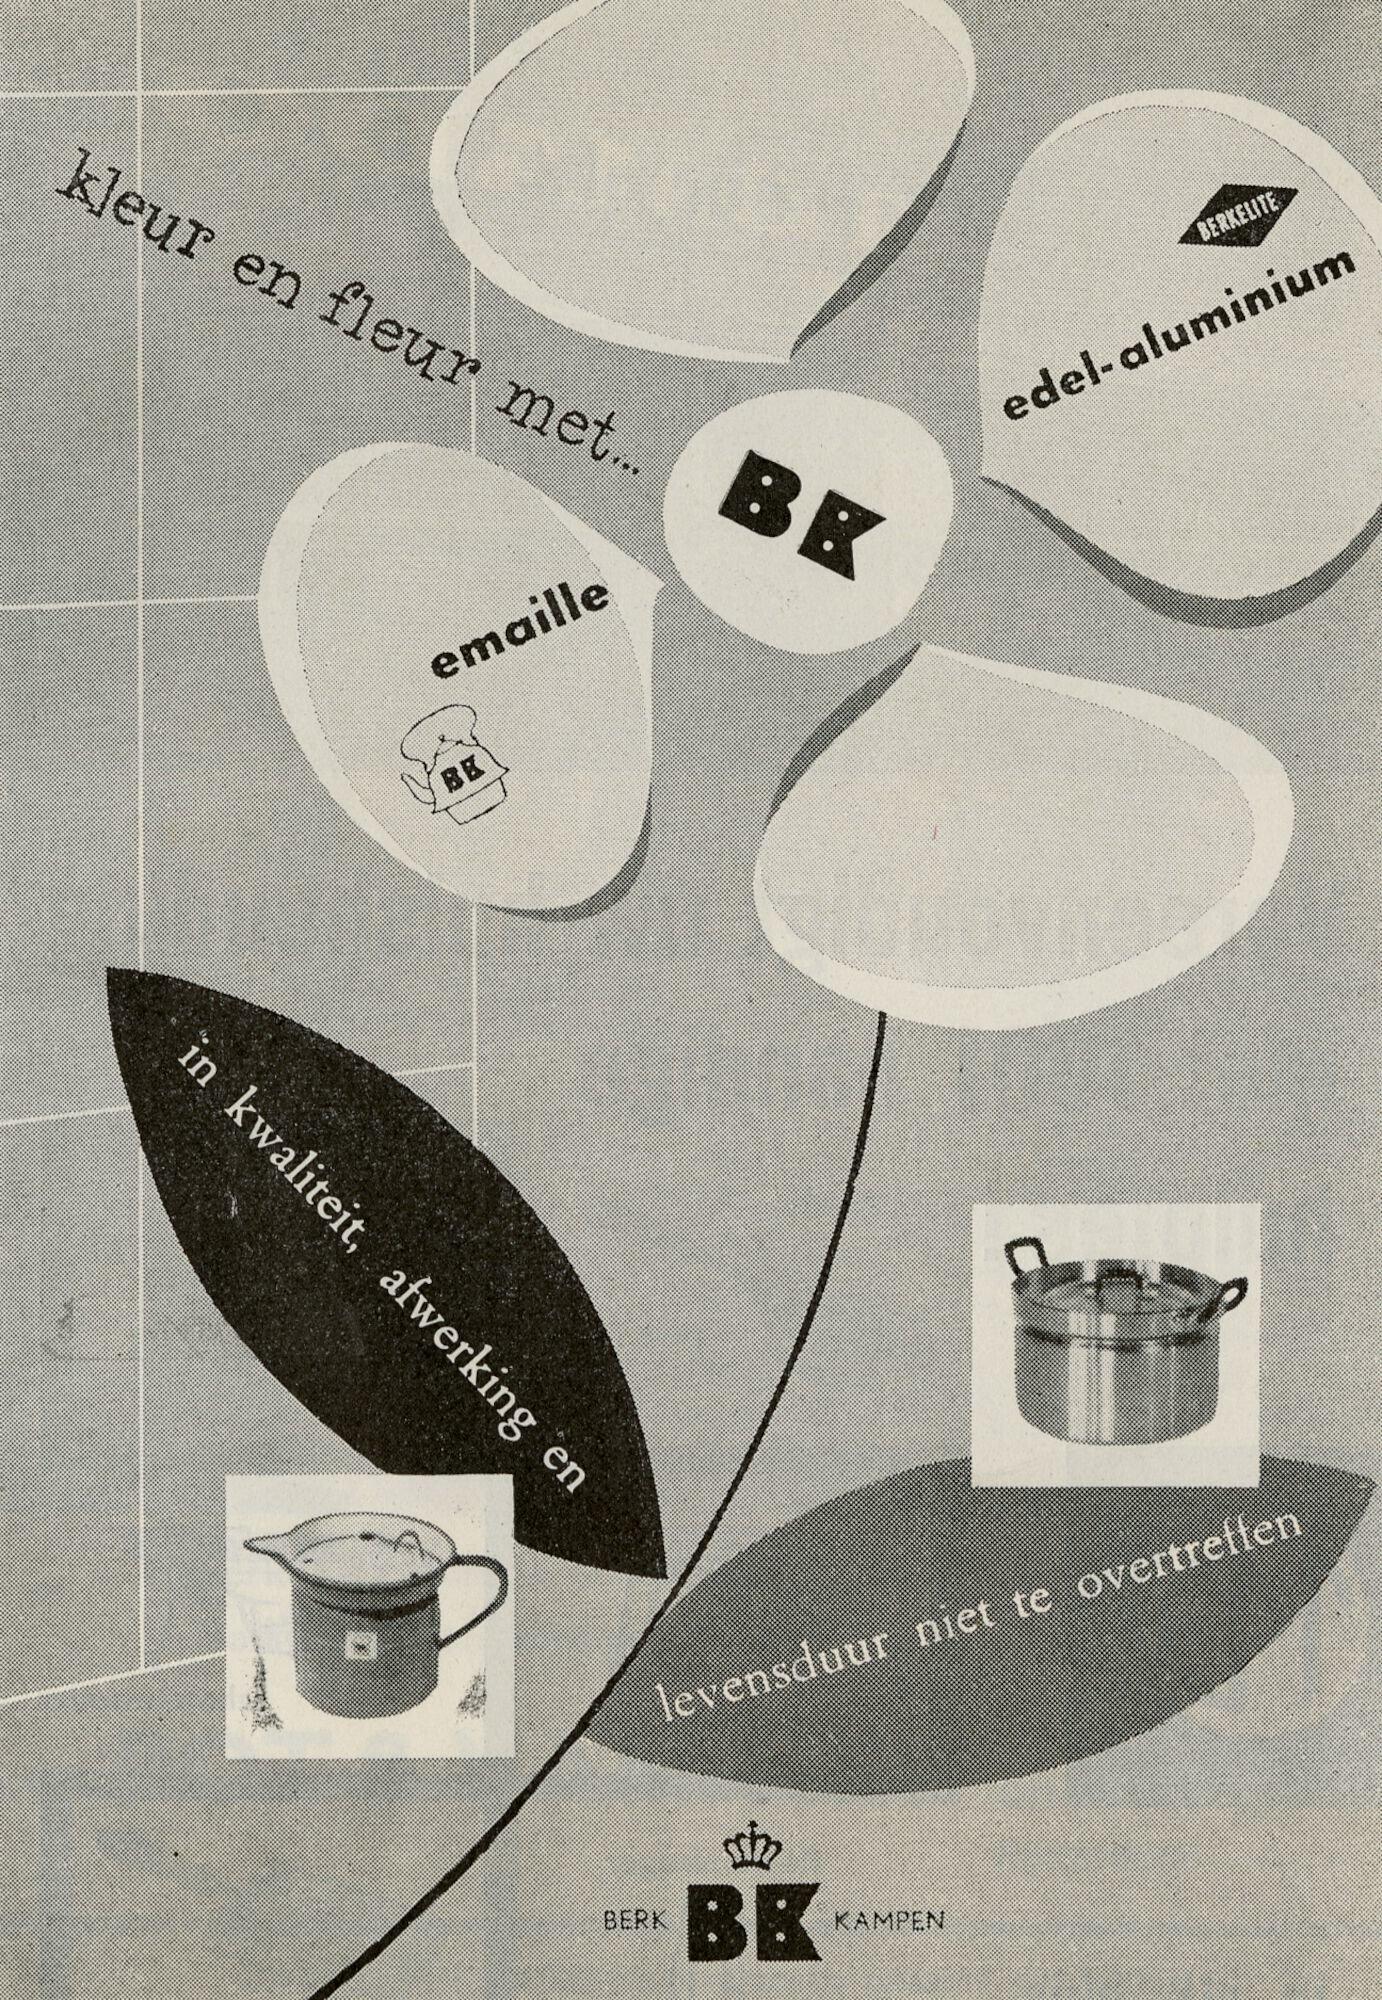 Reclame voor kookpotten van het merk Berk Kampen